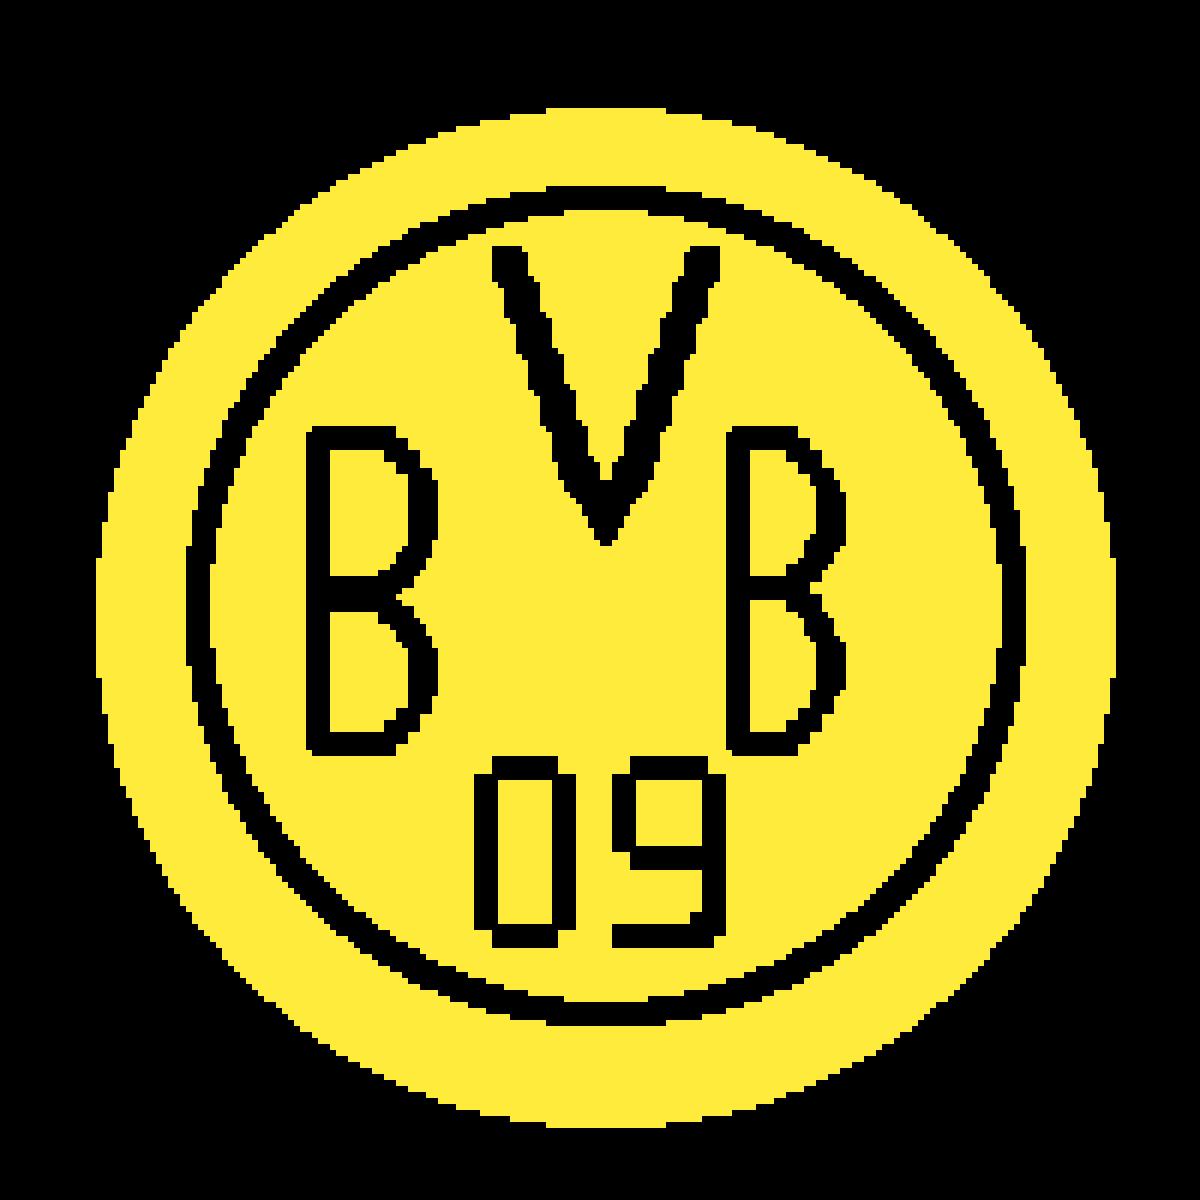 Pixilart - BvB Logo by The13thdutchman